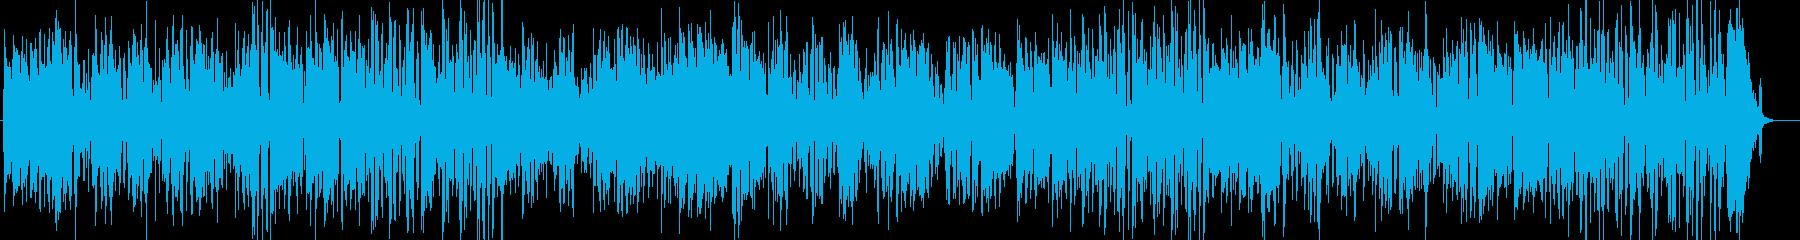 線路は続くよどこまでもビッグバンドジャズの再生済みの波形